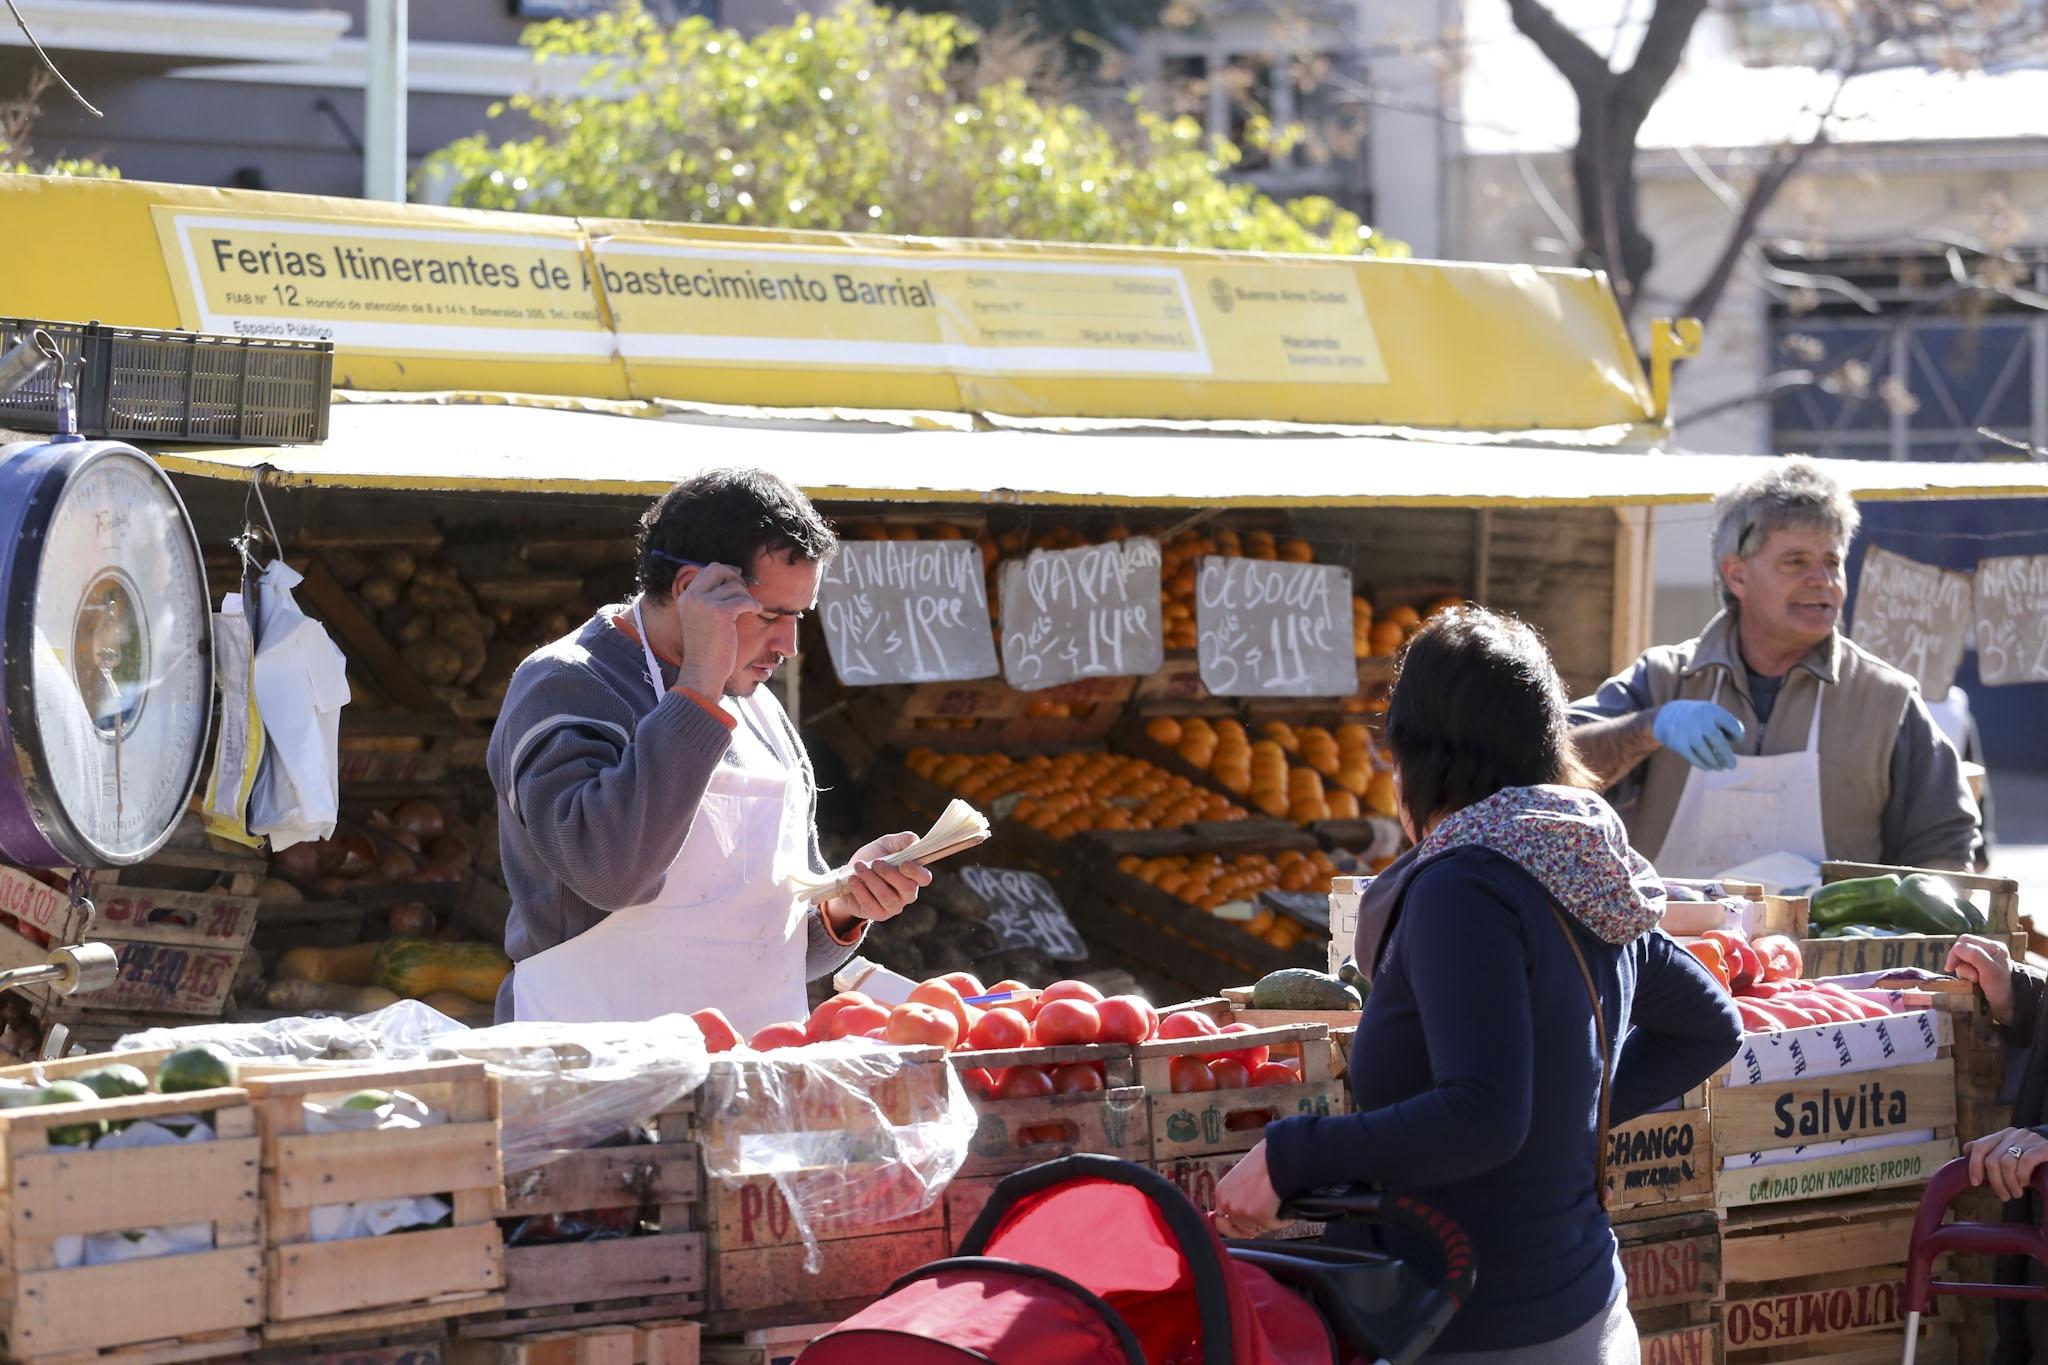 Las Ferias Barriales incorporan un Menú Navideño